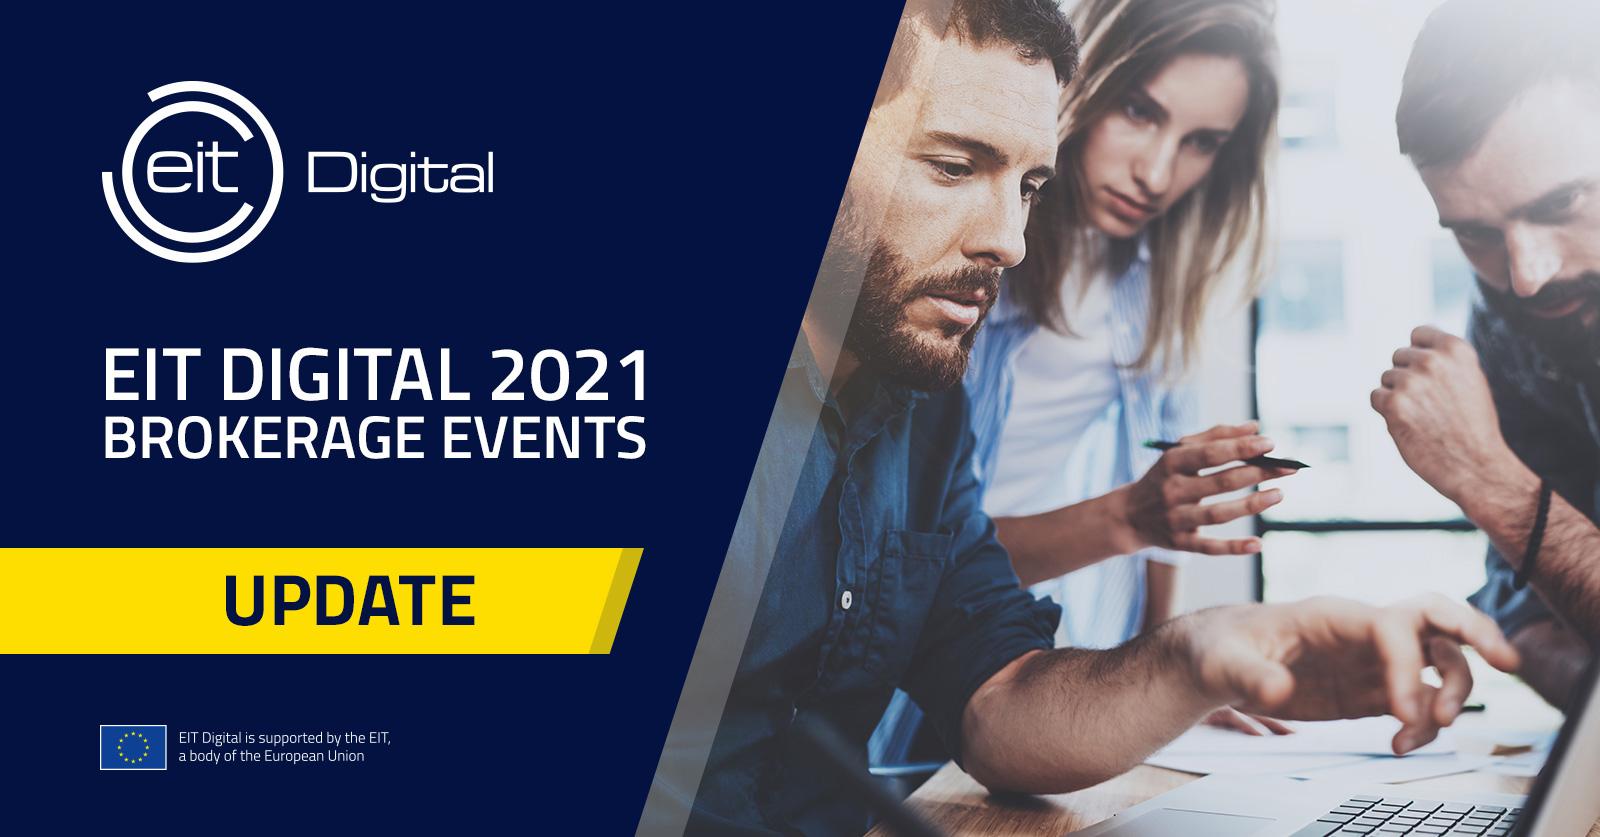 EIT Digital 2021: Brokerage Events